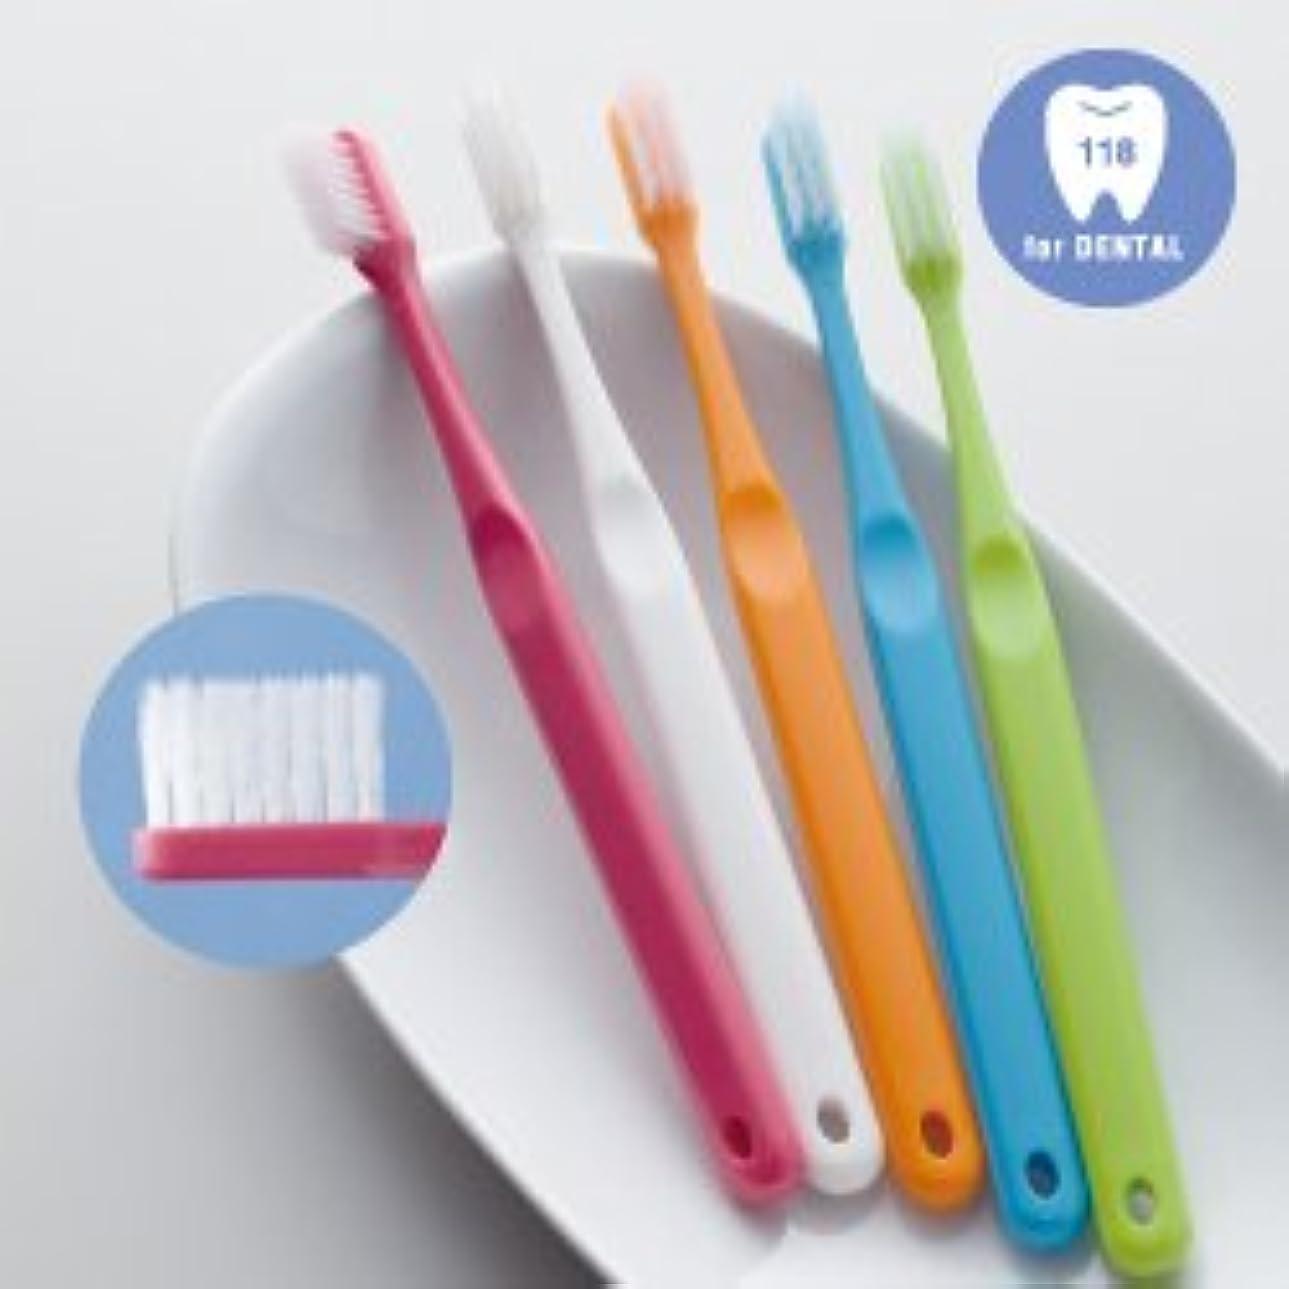 エレガントチャーム成長する歯科専用歯ブラシ 118SERIES ZERO 超先細 ふつう 25本